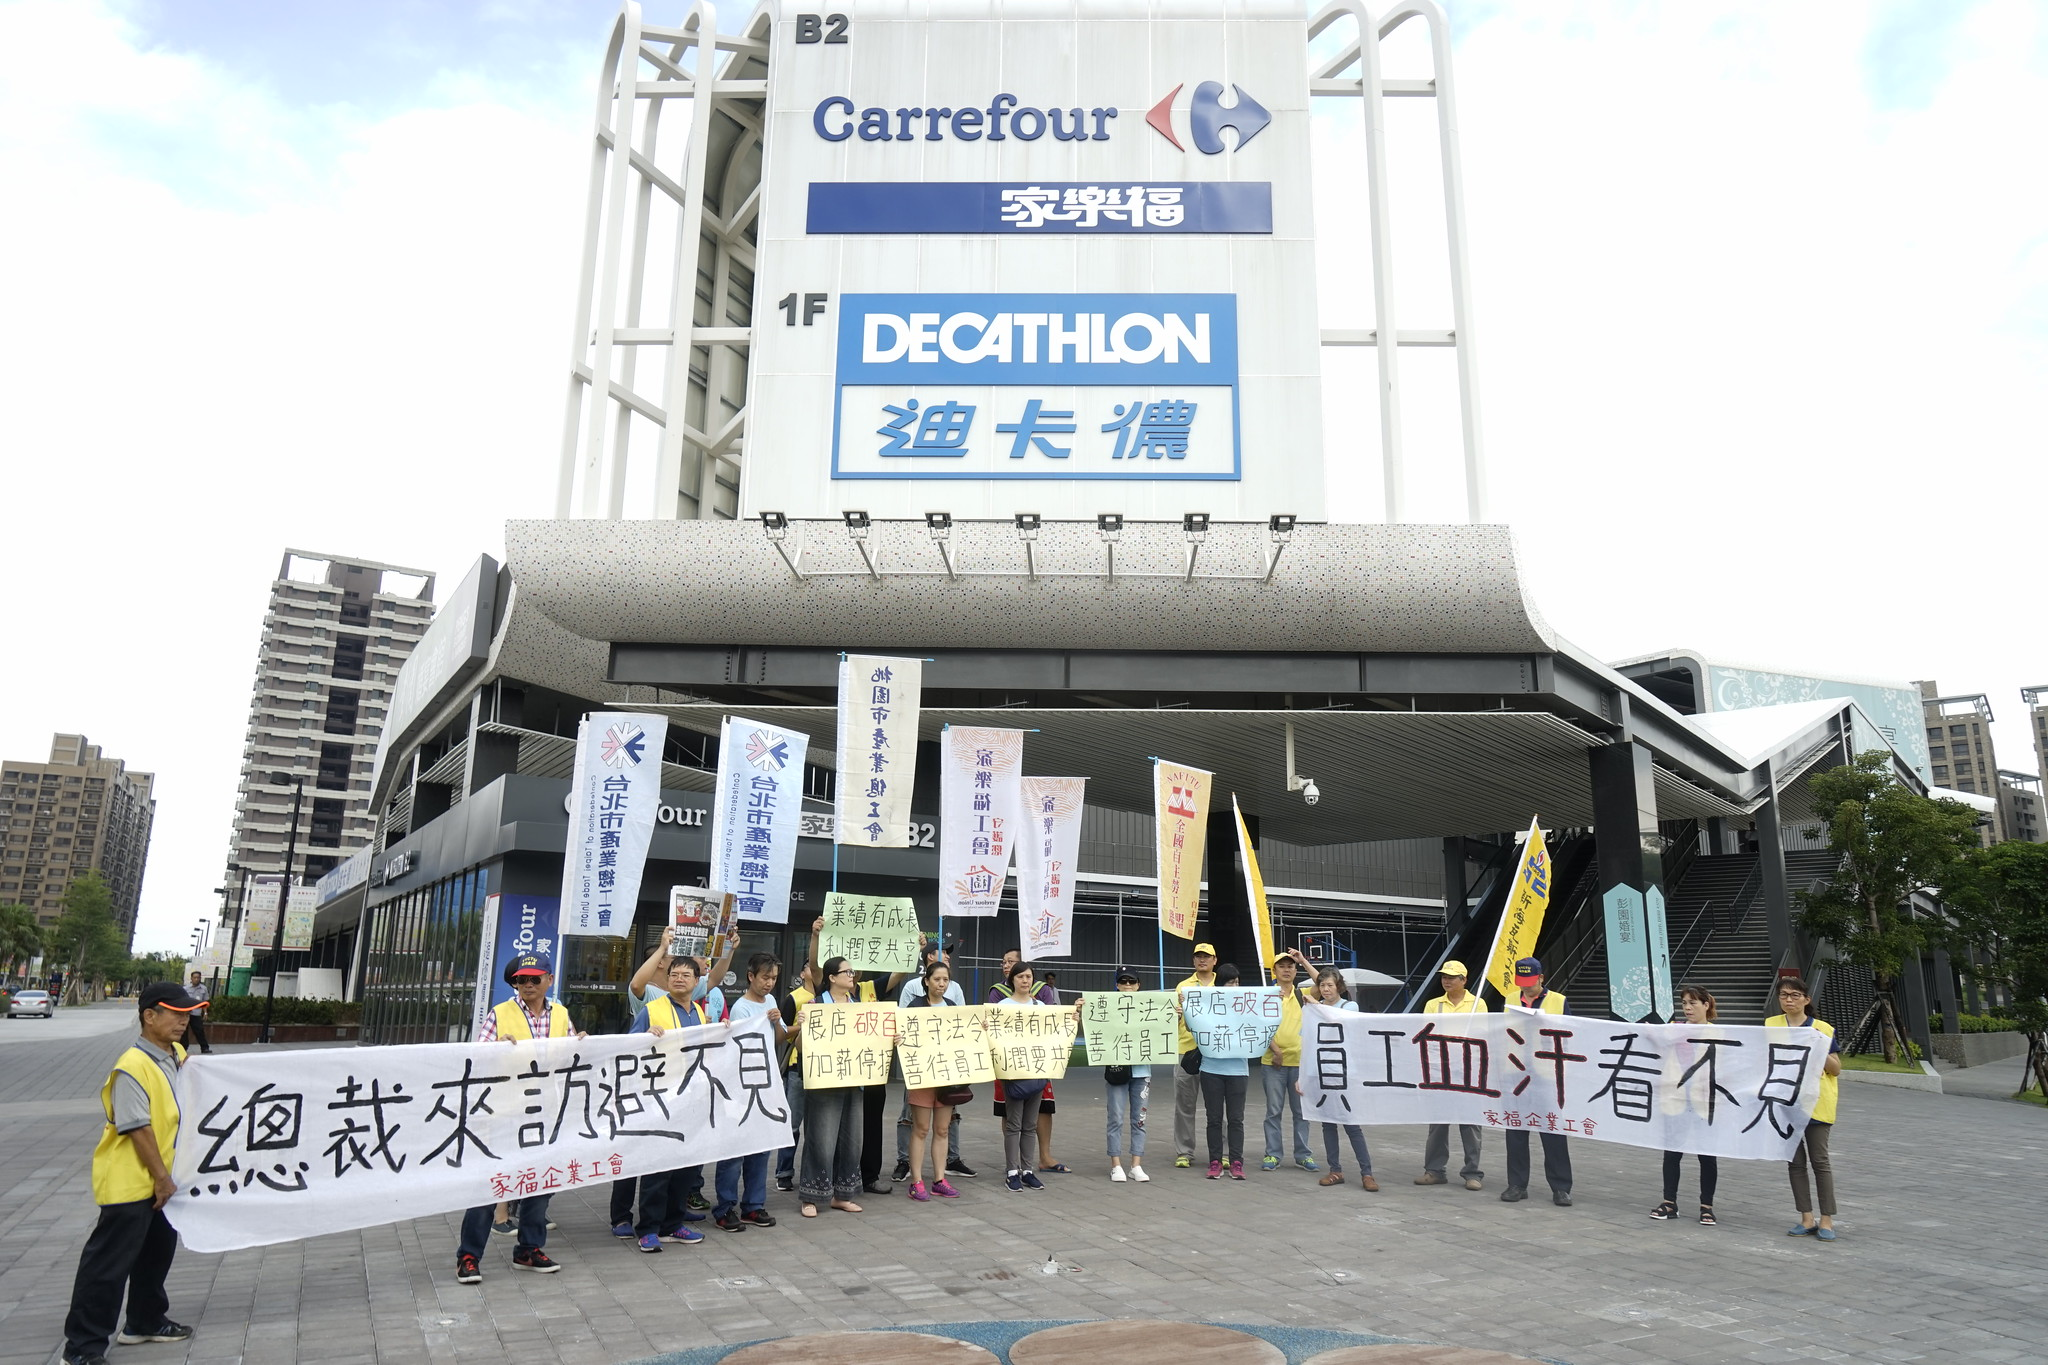 家樂福全球總裁於今日訪視桃園八德店,家樂福工會前往抗議。(攝影:張宗坤)